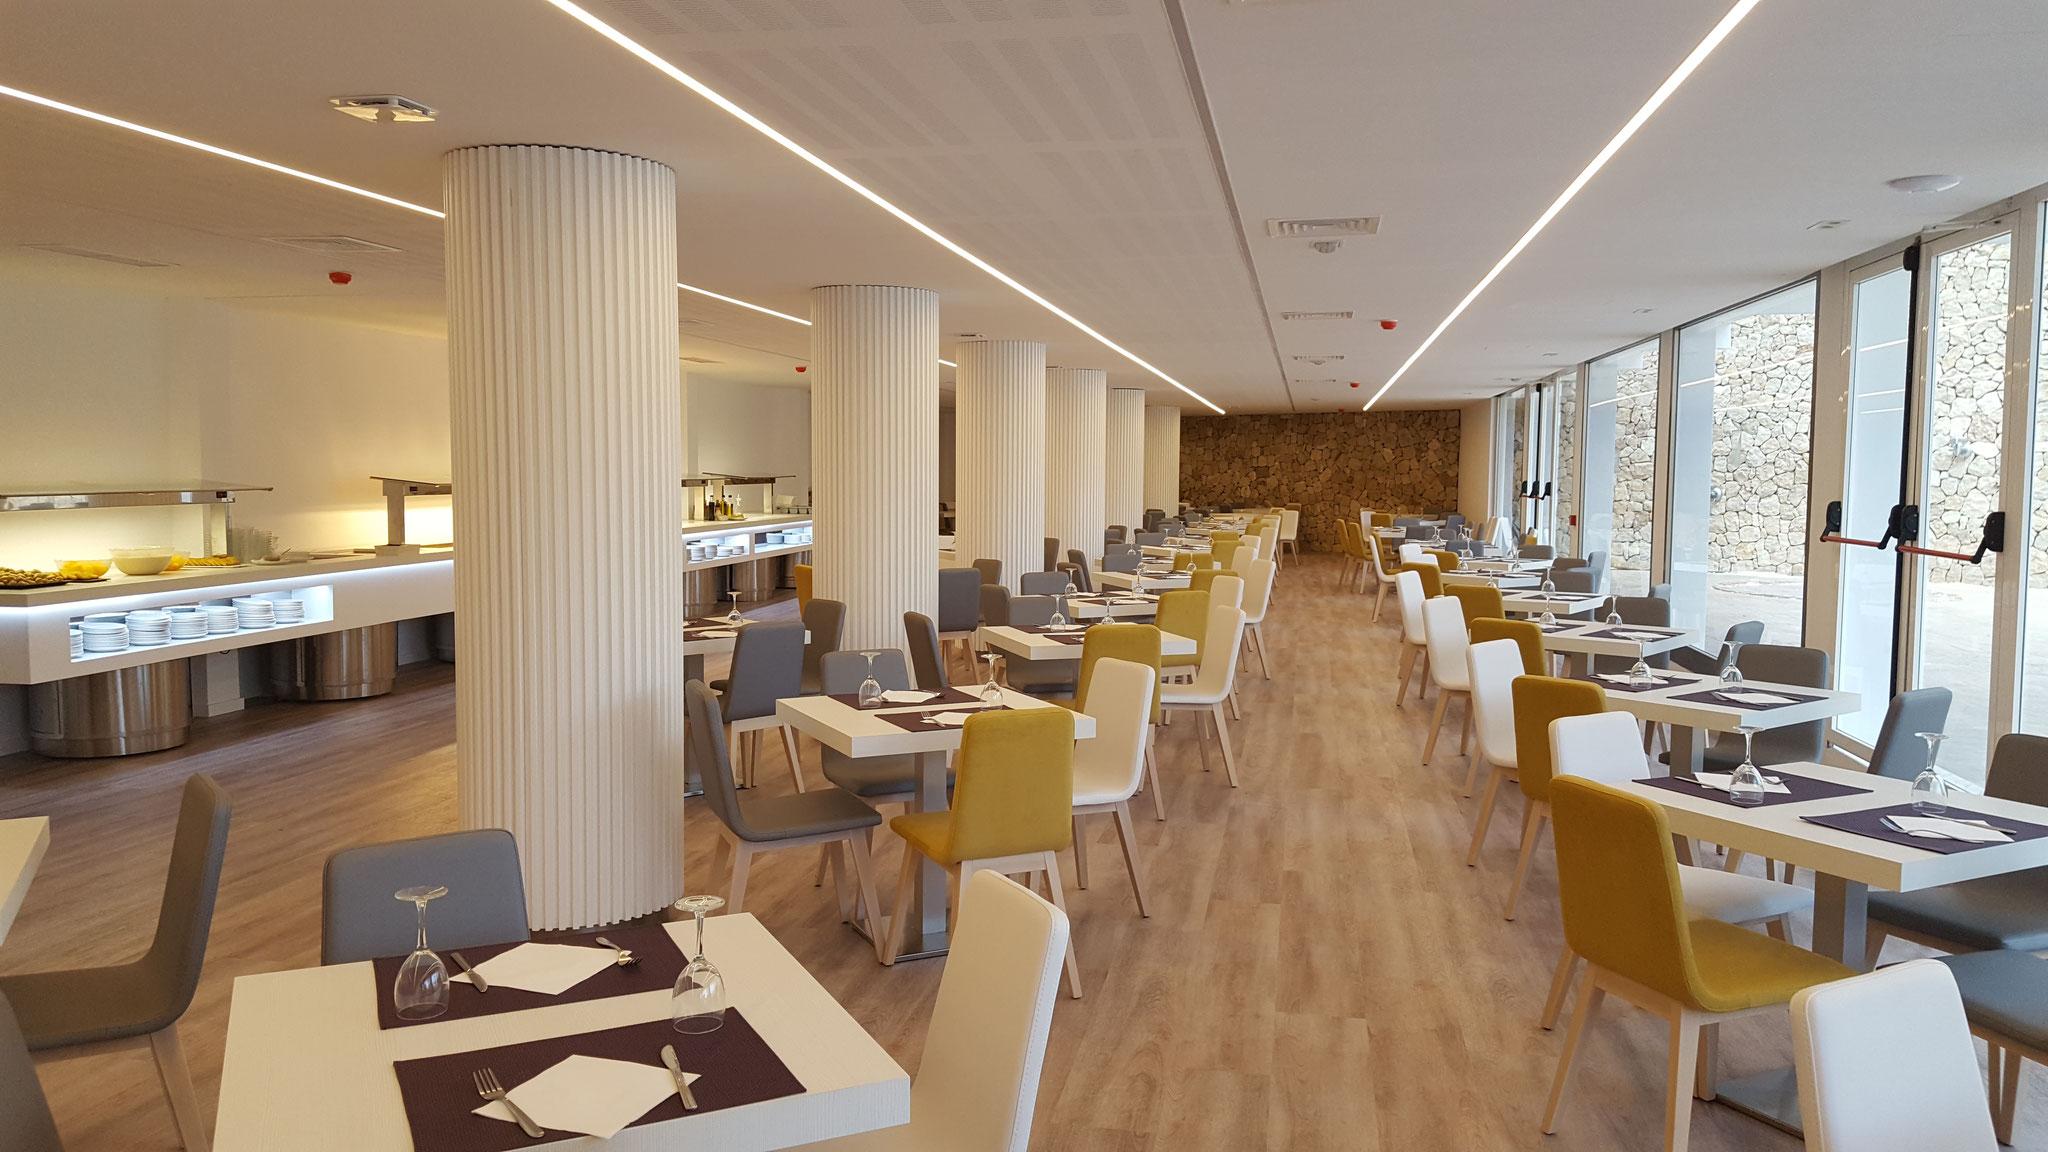 decoracion restaurantes, muebles de restaurantes, mobiliario de restaurantes, equipamiento de restaurantes, mesas para restaurantes, sillas para restaurantes, deco restaurantes, iluminacion restaurantes, muebles para restaurantes, fabricación de muebles